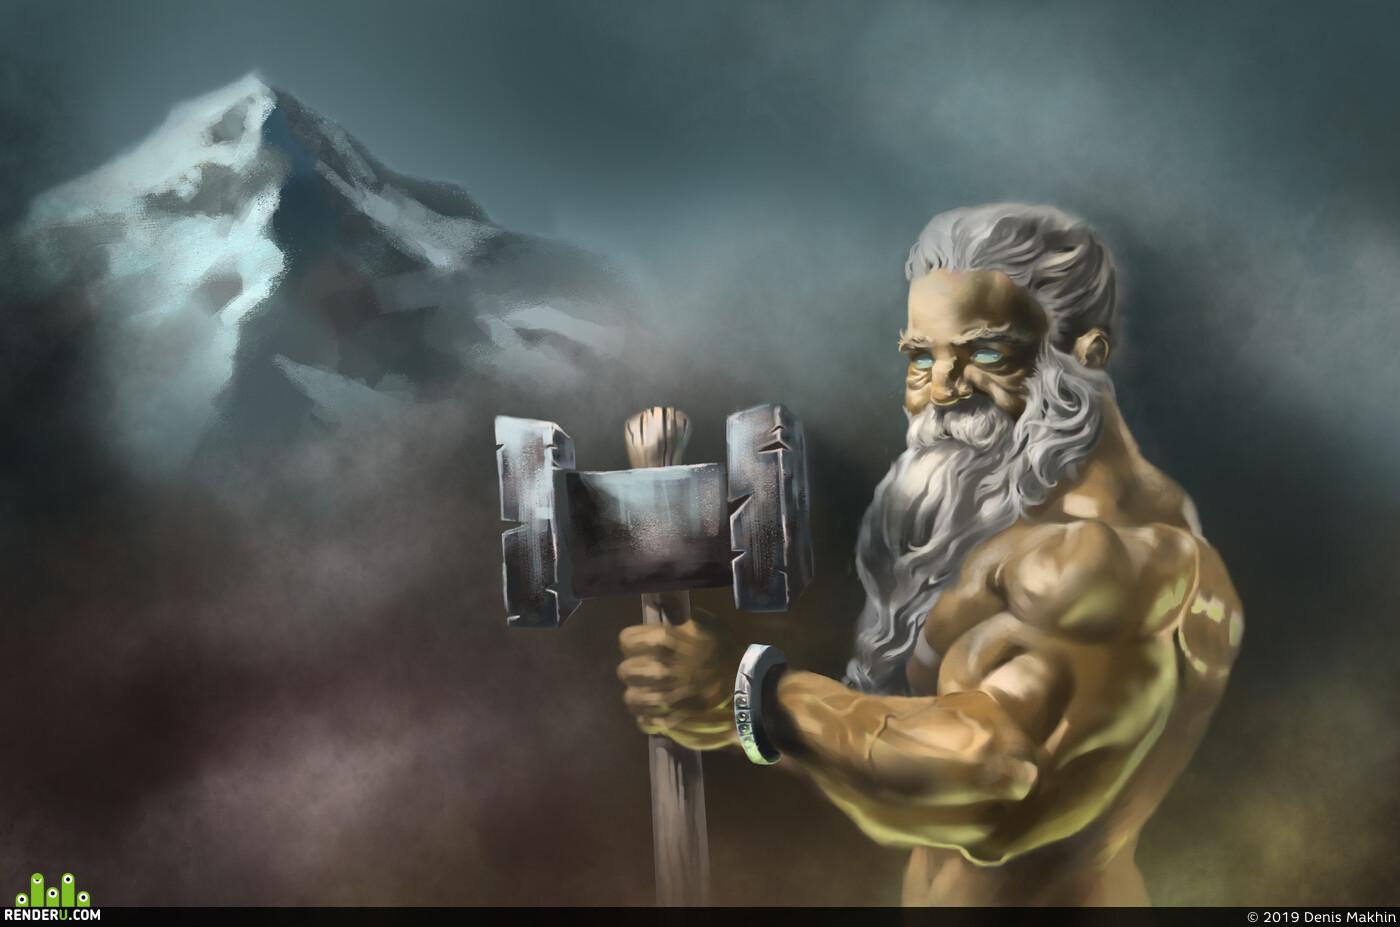 Dwarf, hammer, smile